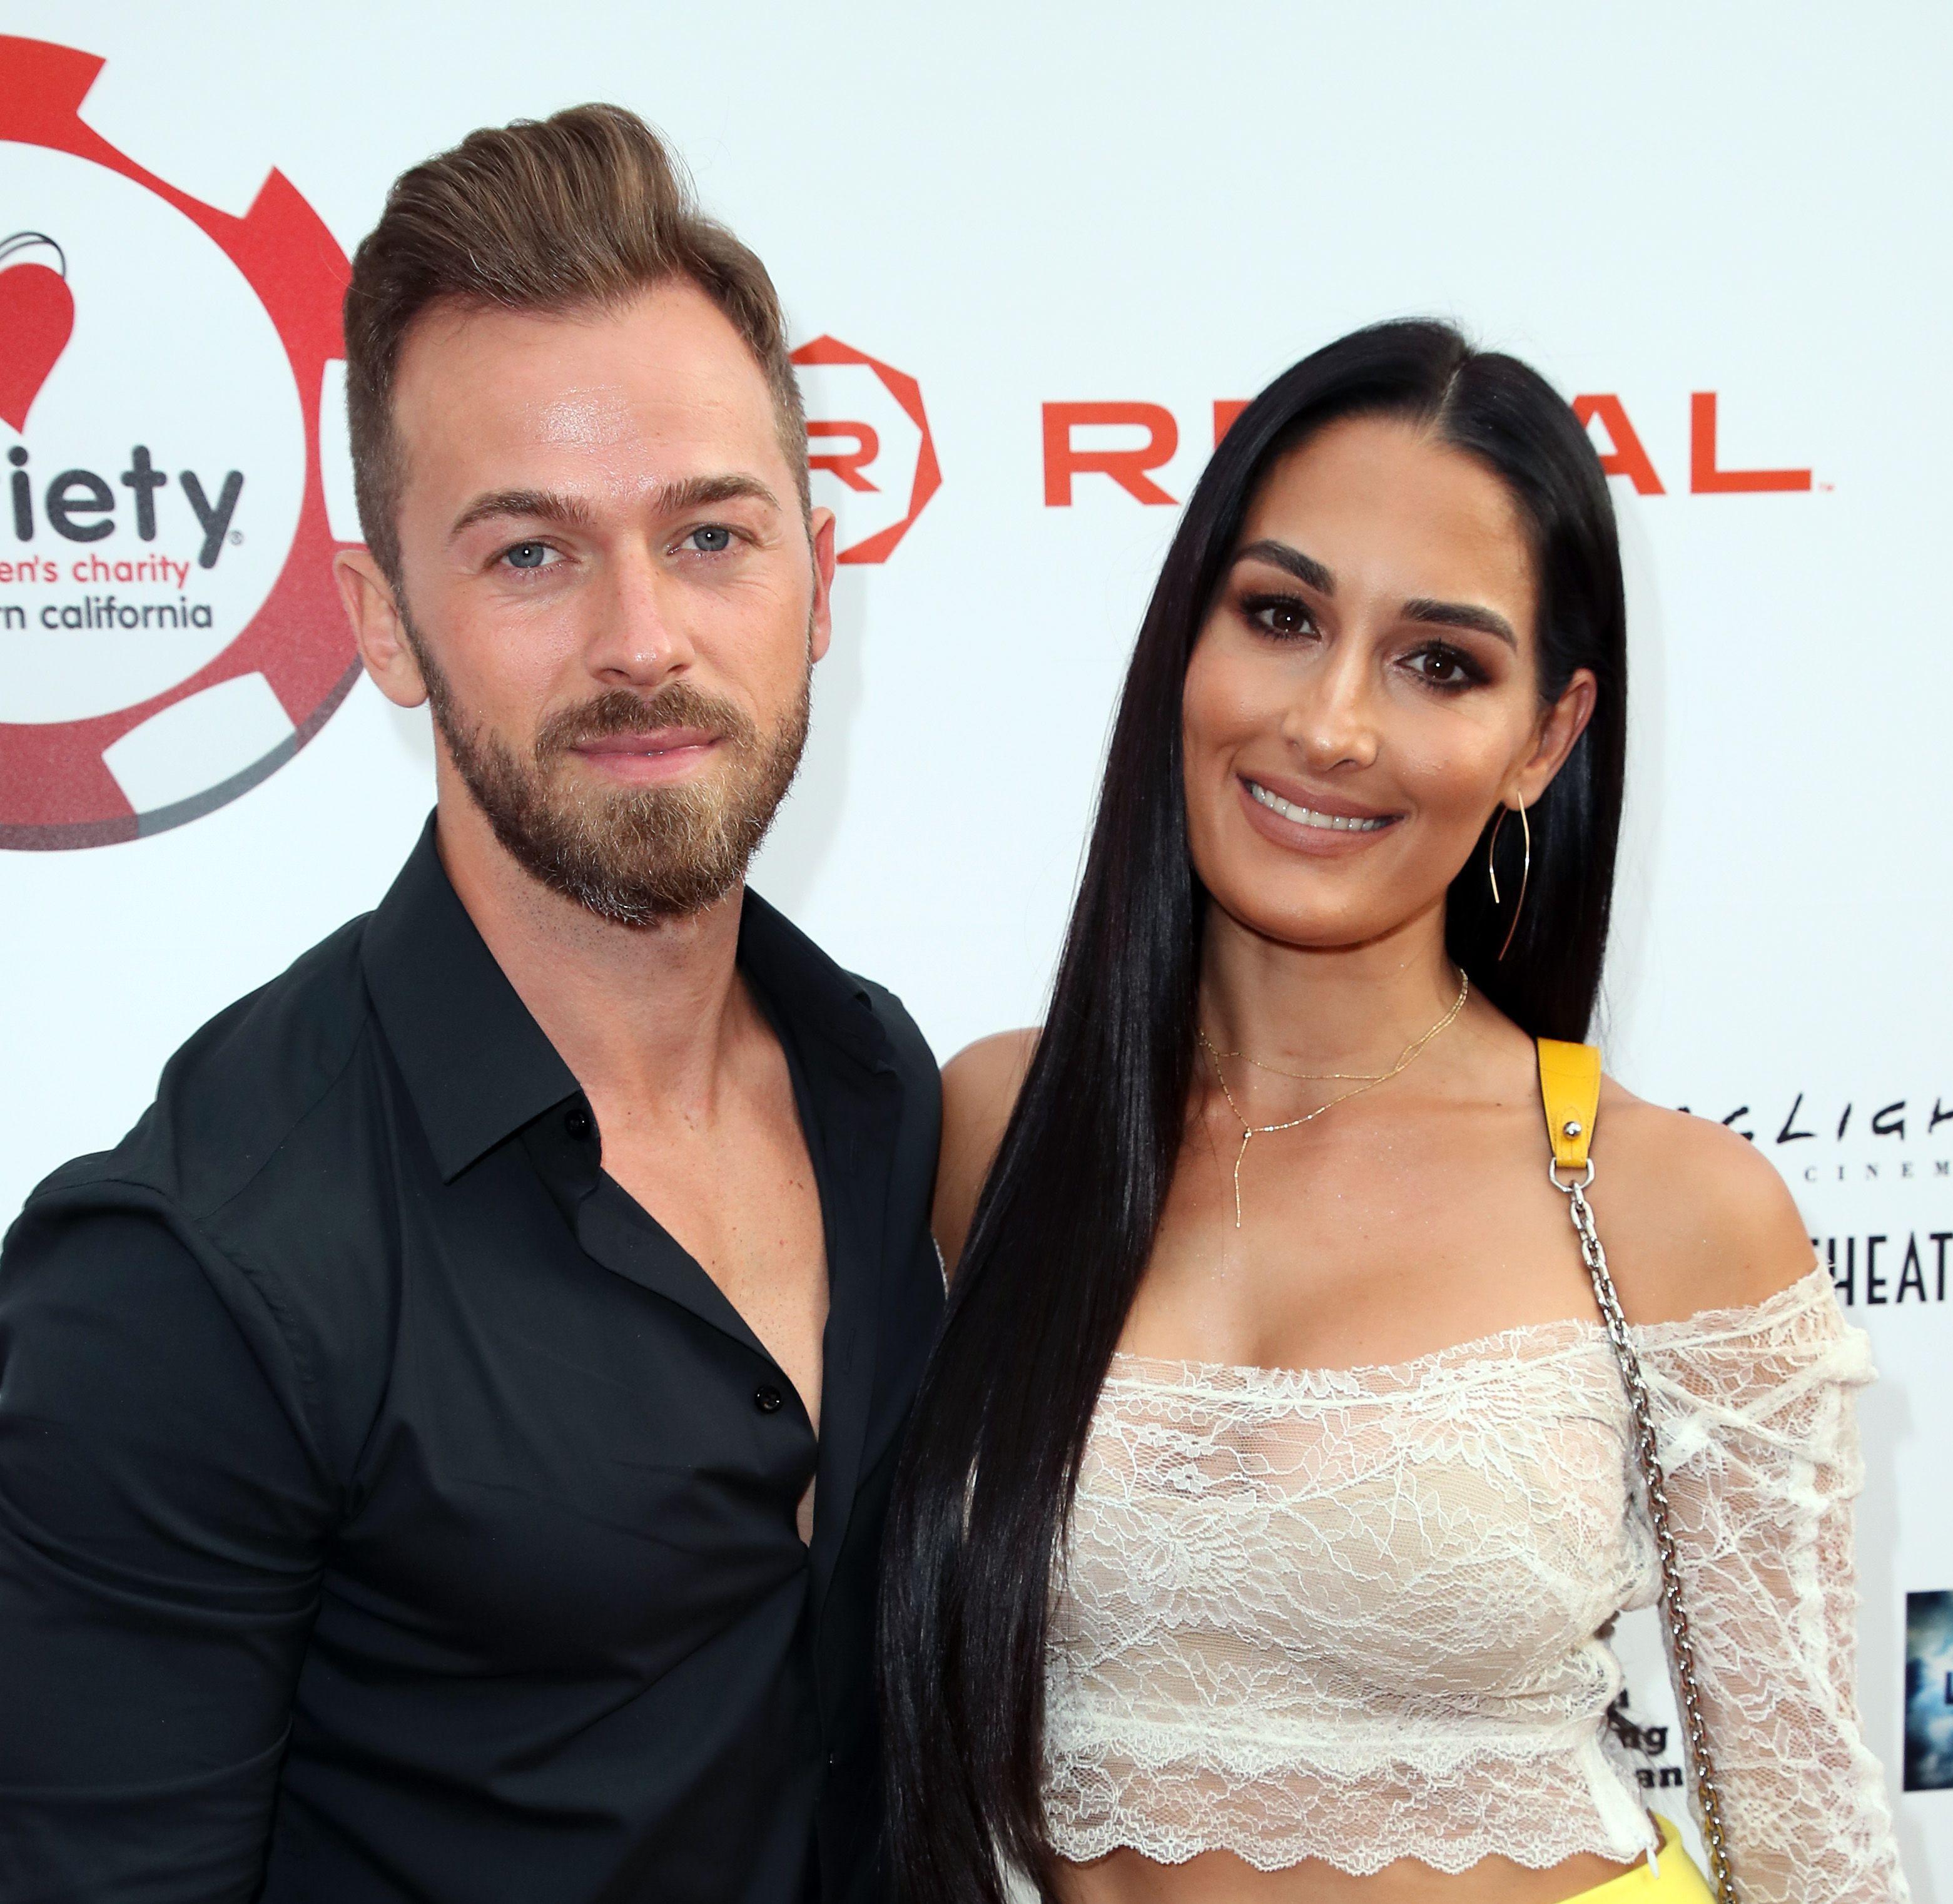 Nikki Bella and Artem Chigvintsev Are Engaged